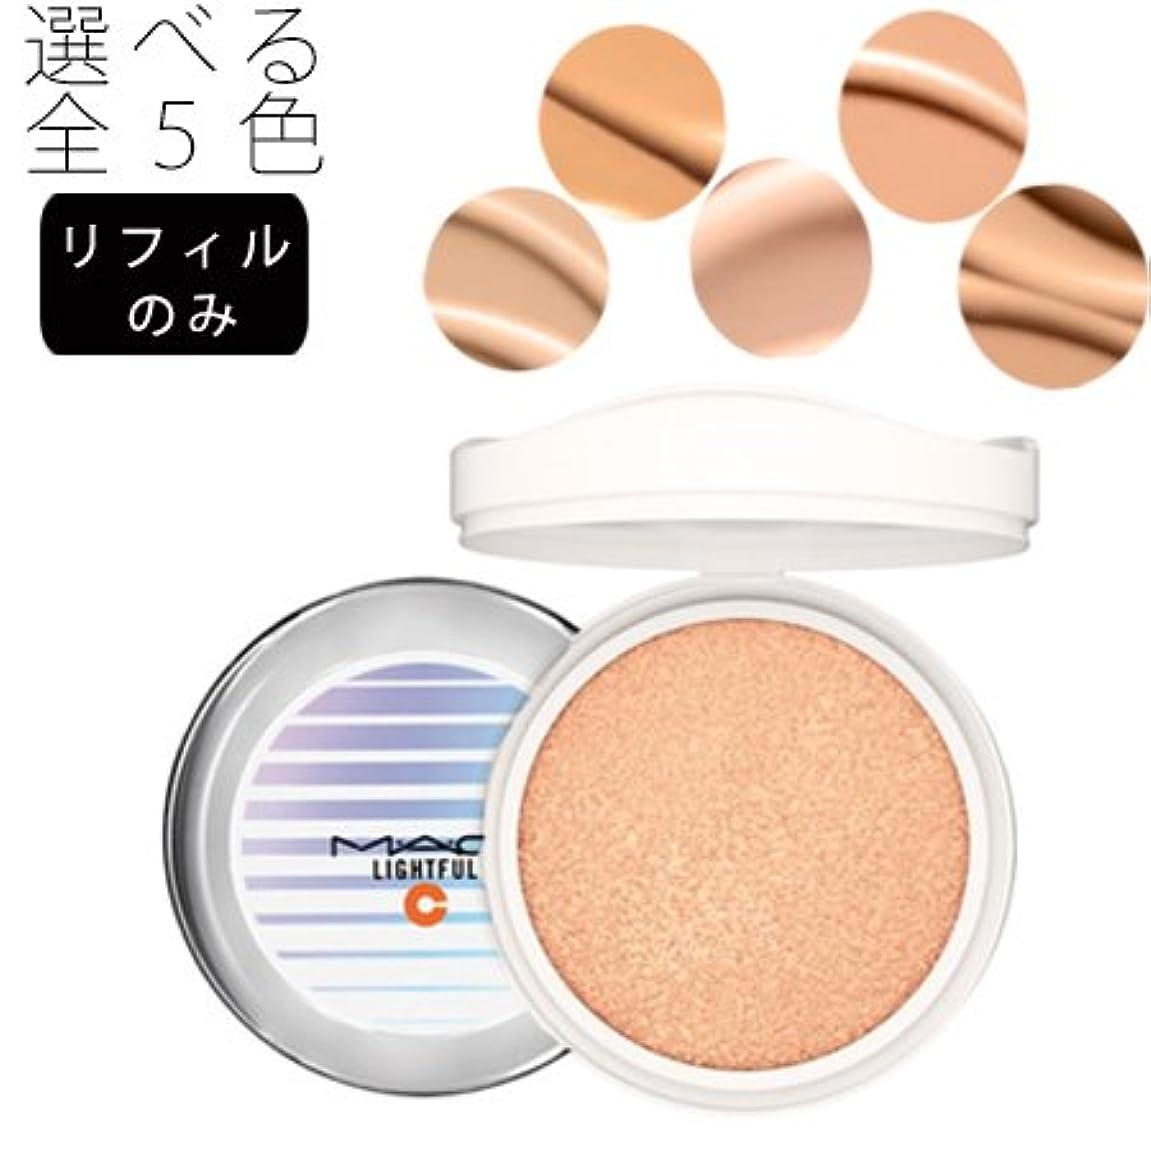 口ひげドラマメジャーマック ライトフル C+ SPF 50 クイック フィニッシュ クッション コンパクト (レフィルのみ) 全5色 -M?A?C MAC- ライト